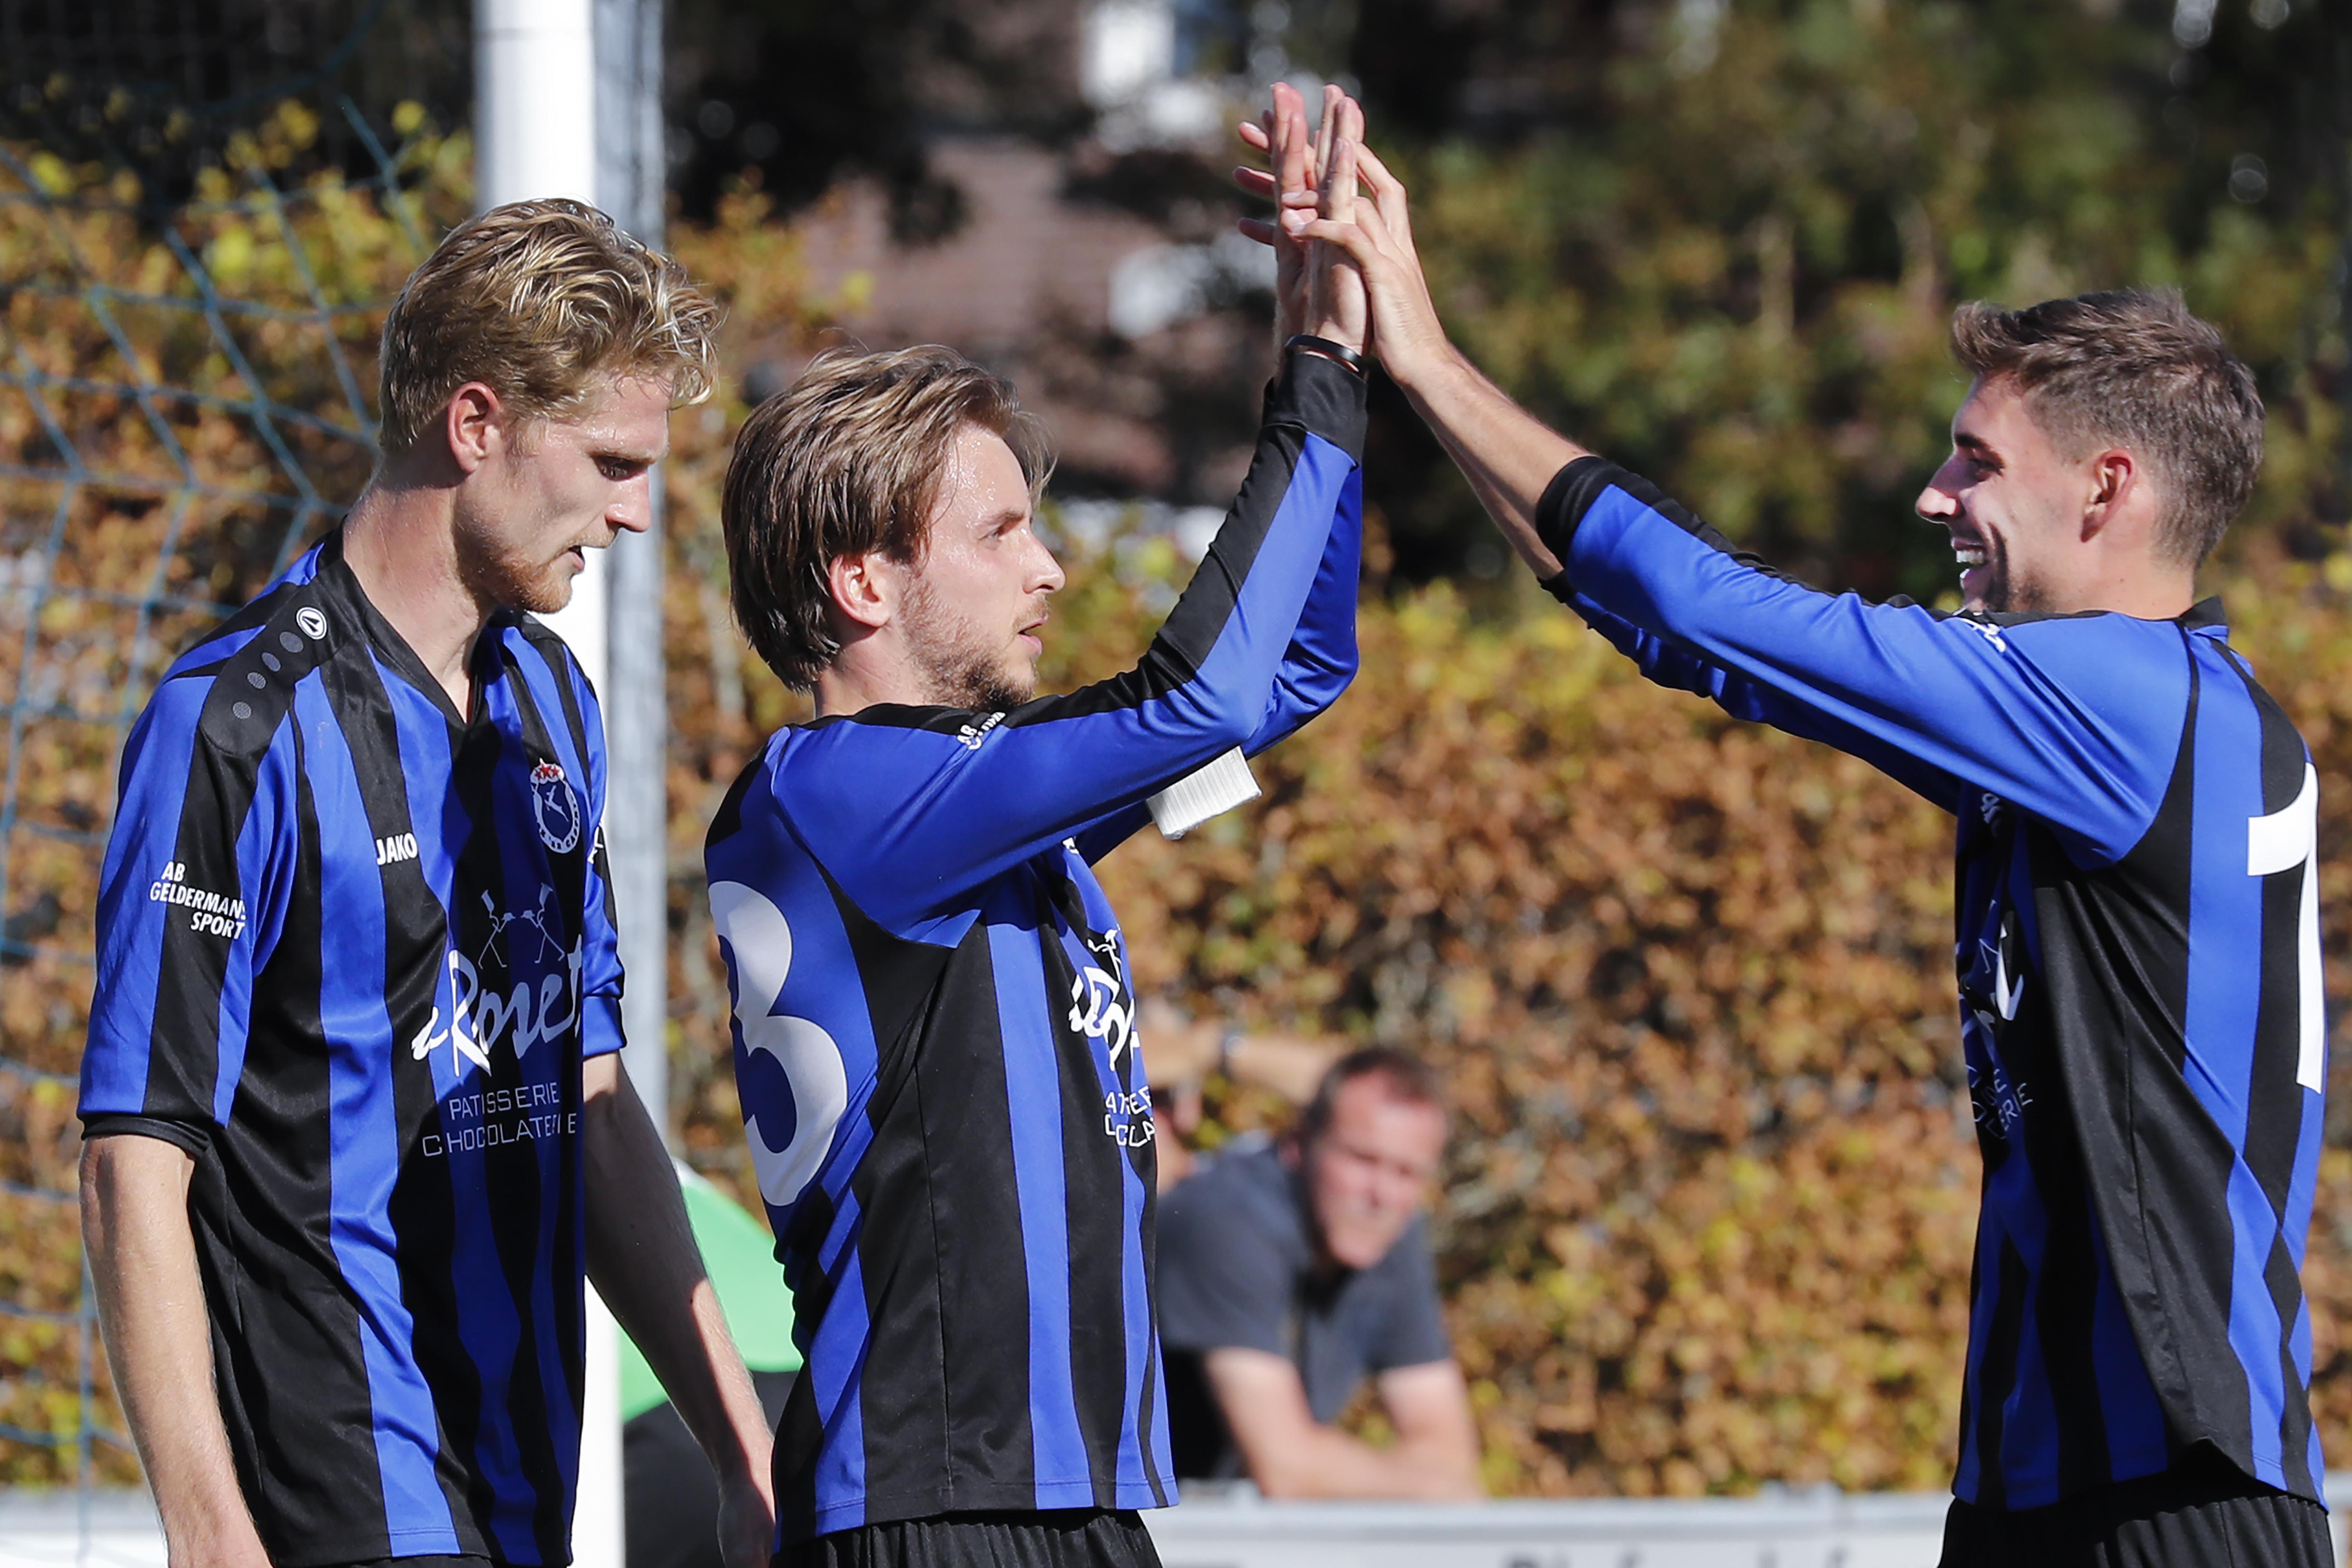 Verleggen van accenten in de rust levert Vitesse'22 zege op in eerste competitiewedstrijd. Dat mocht ook wel, want de laatste keer dat het openingsduel werd gewonnen was vijf jaar geleden